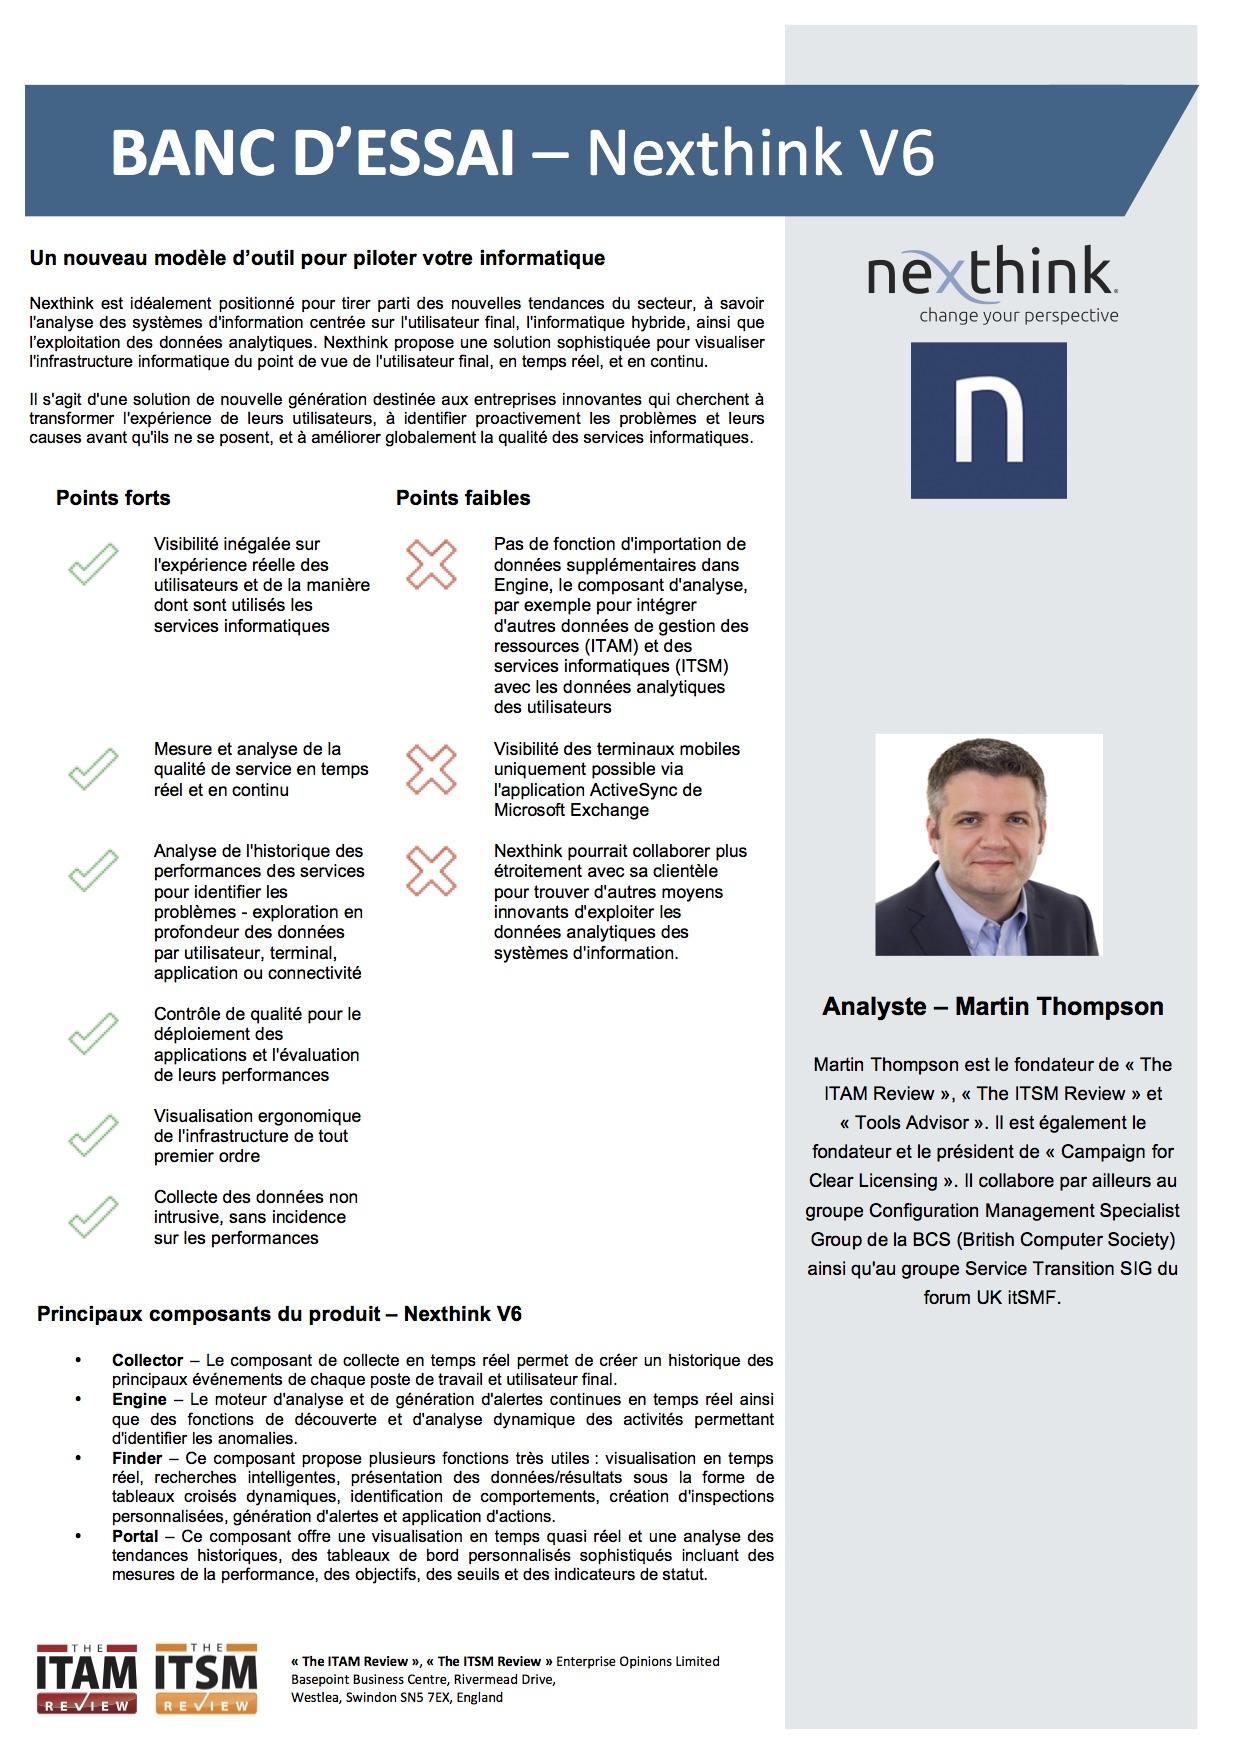 Banc d'essai : Nexthink V6